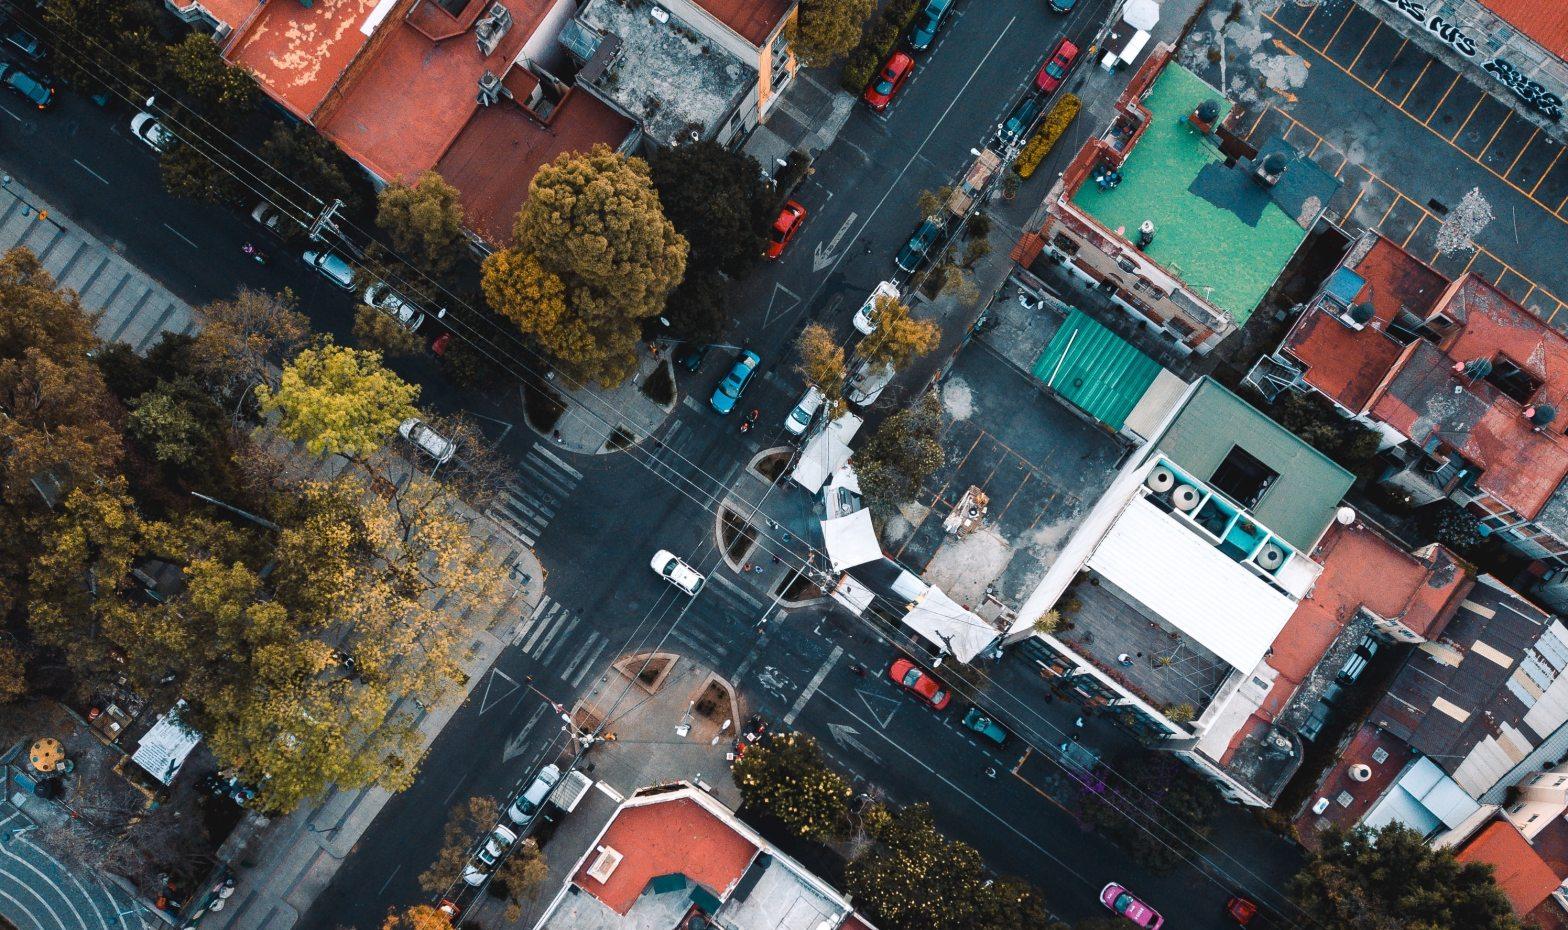 Vista aérea de una intersección de calles en Ciudad de México